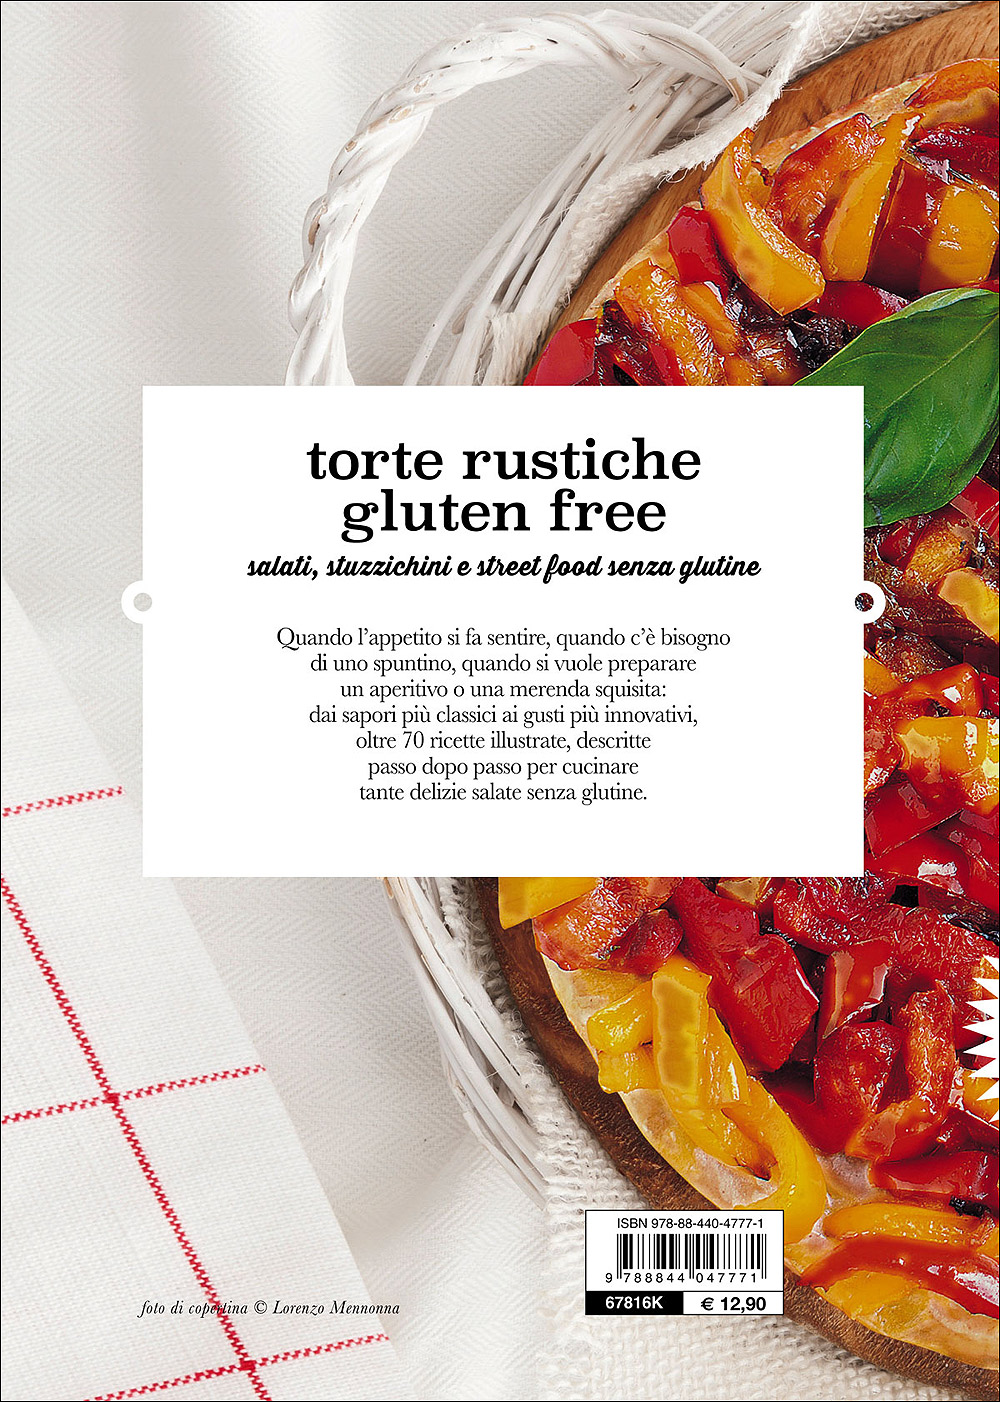 Torte rustiche gluten free